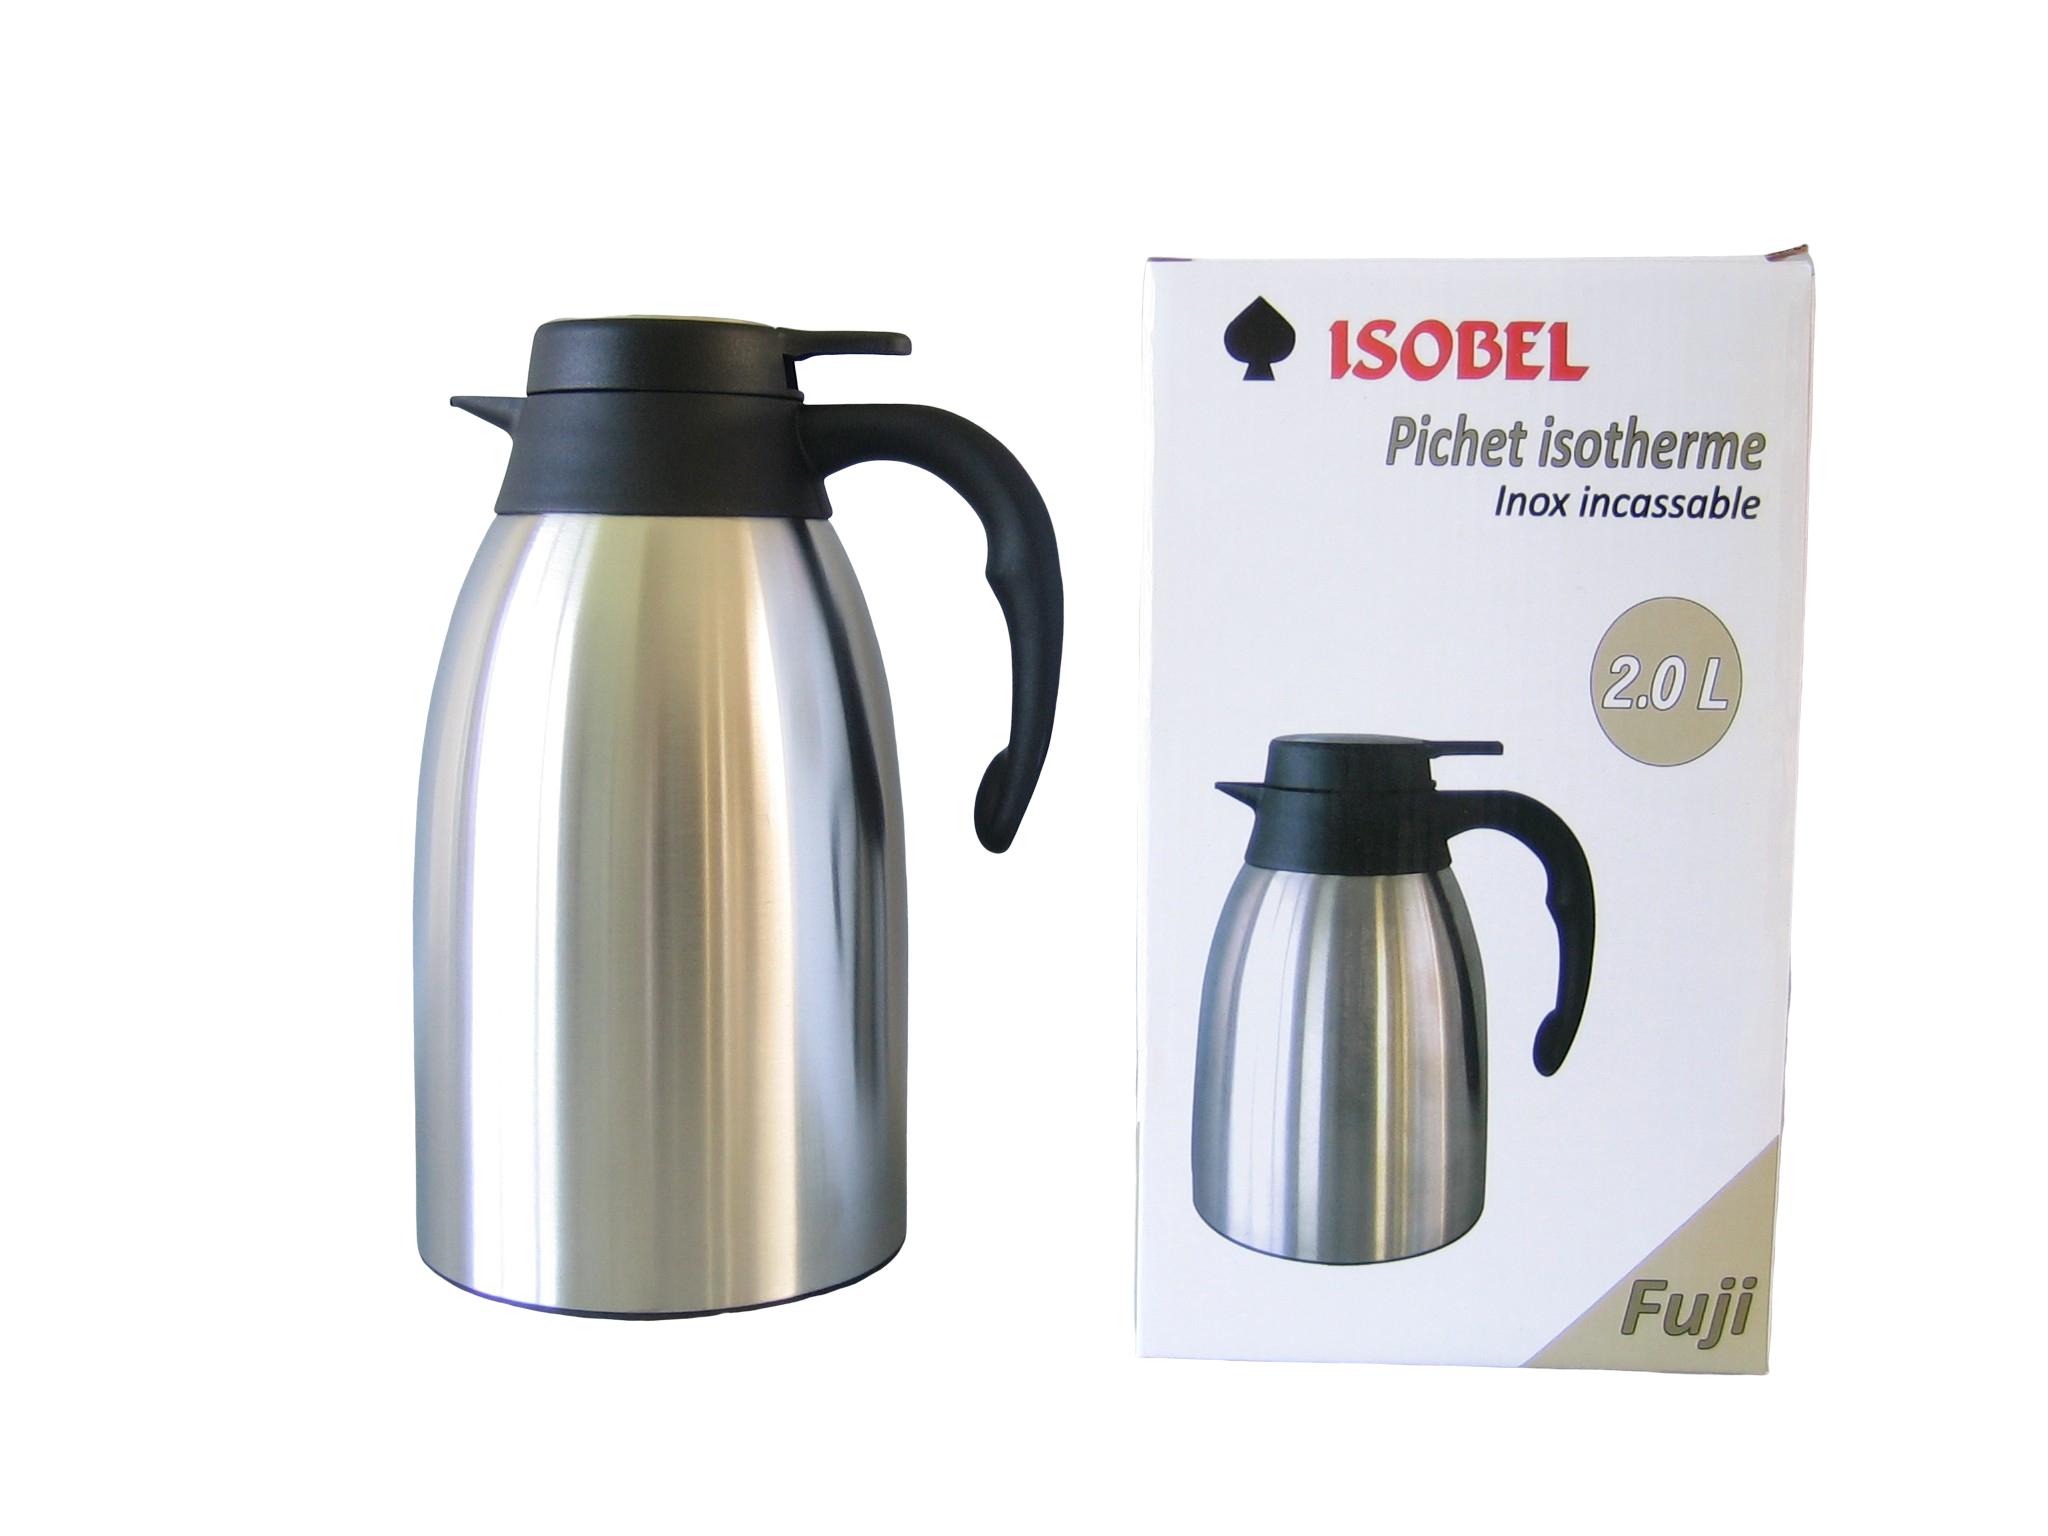 FUJI20-900 - Isoleerkan inox mat onbreekbaar 2.0 L - Isobel